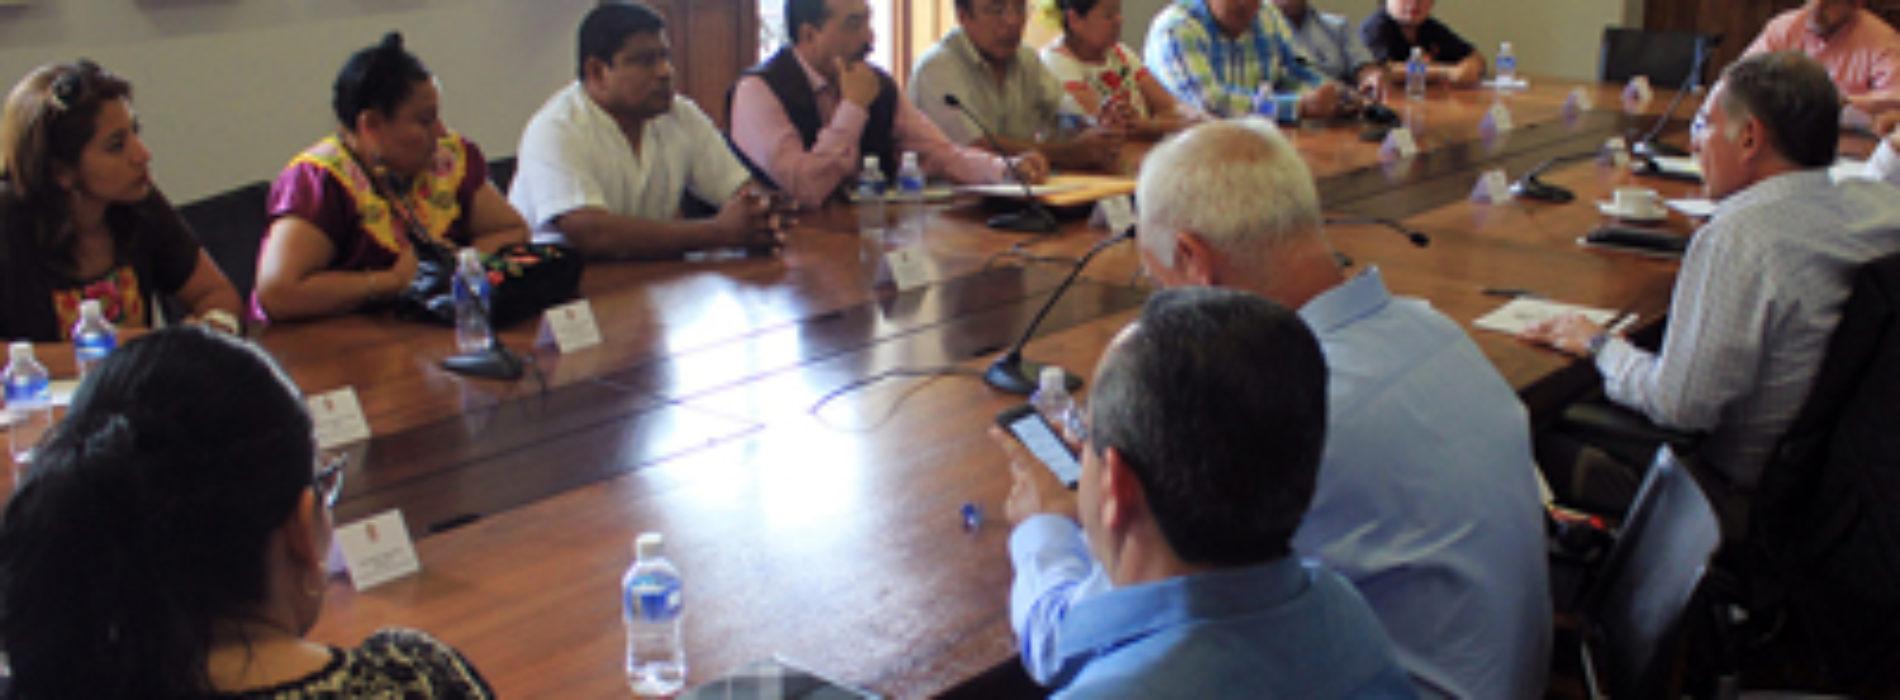 Reconocen autoridades de Juchitán de Zaragoza efectividad de operativo conjunto de seguridad